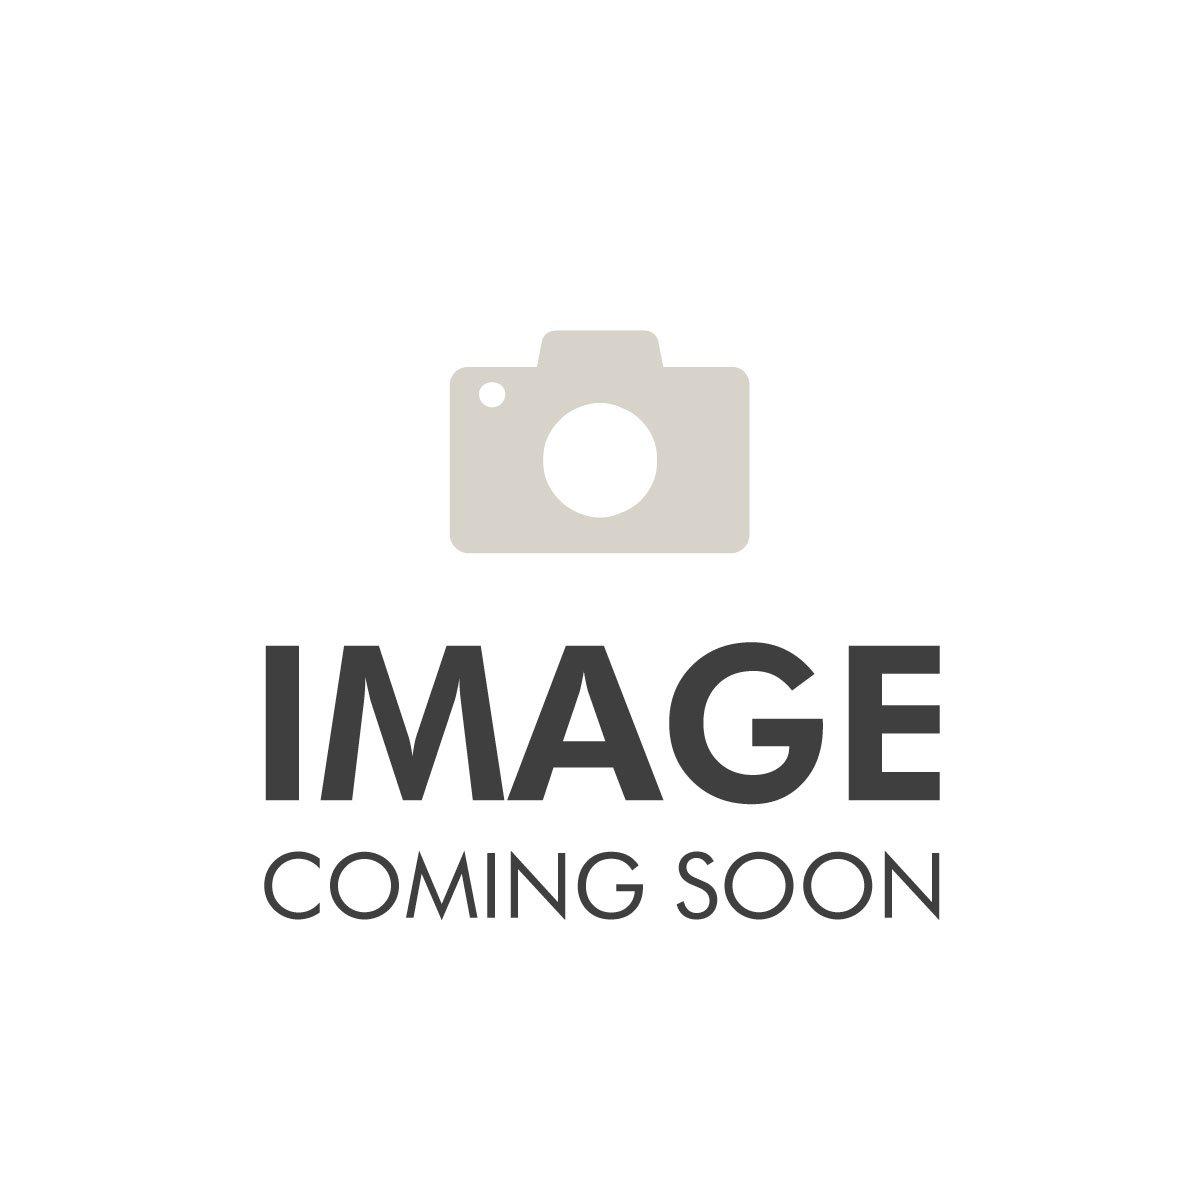 PBT - Ressort de contact de pointe d'épée (10-Pack)